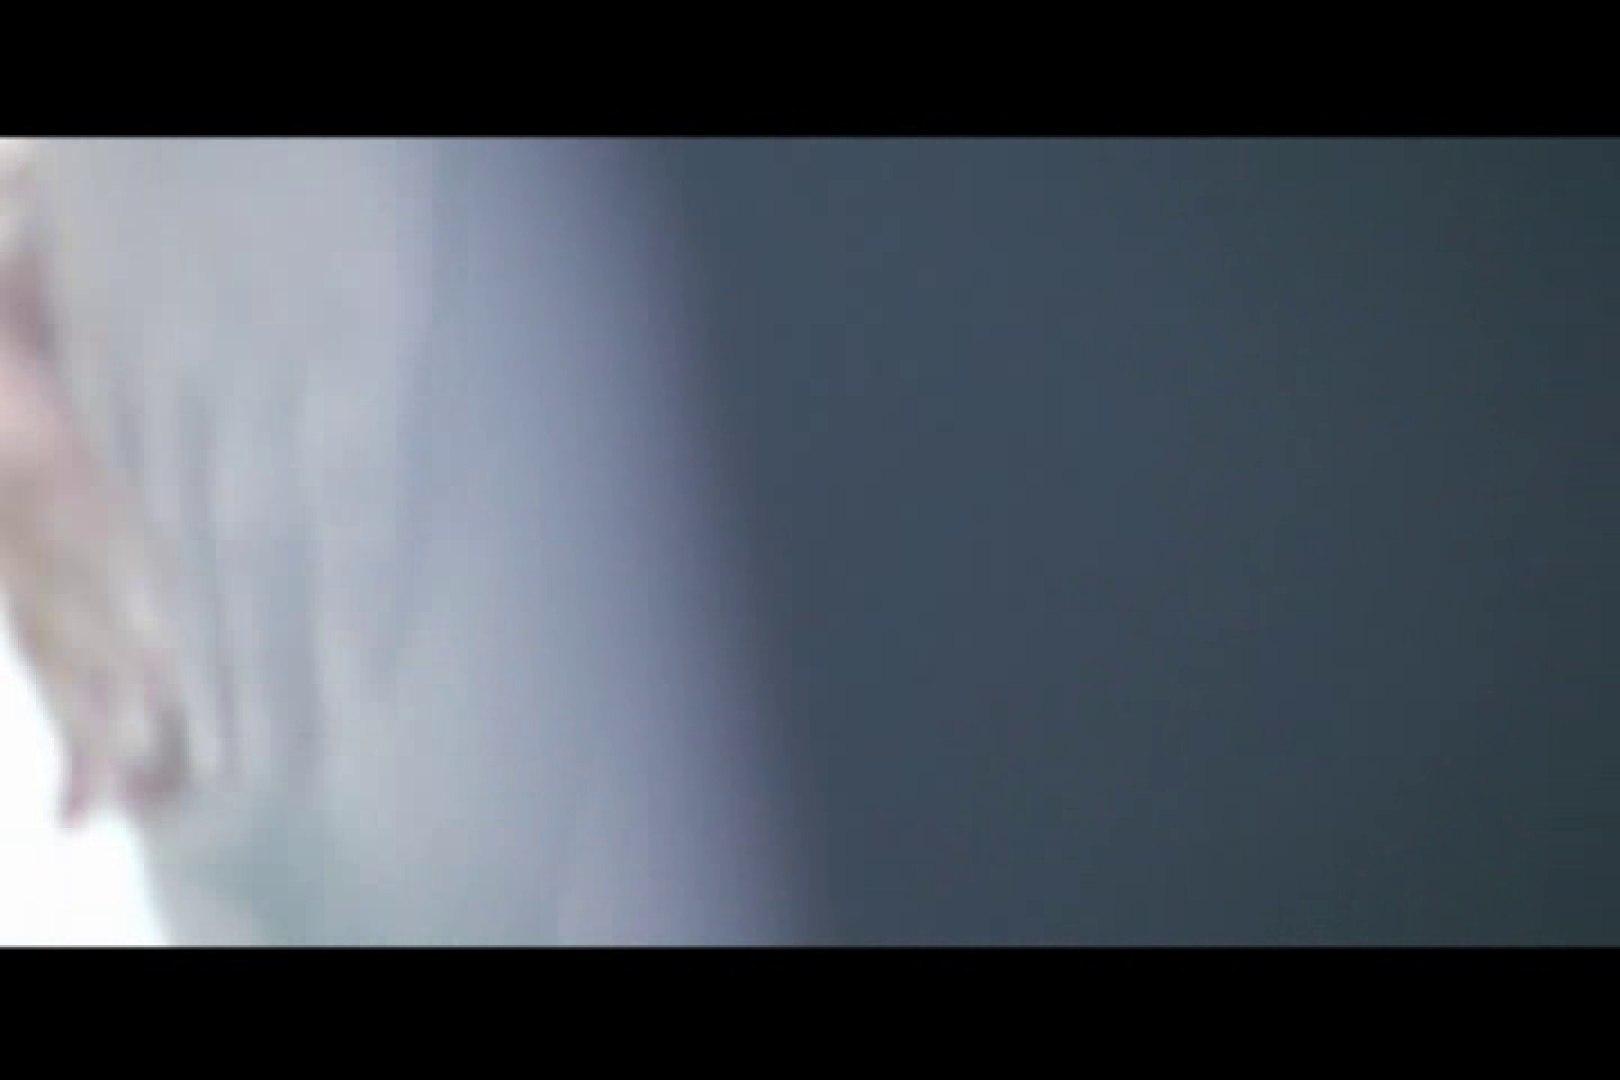 独占配信!無修正! 看護女子寮 vol.12 女子寮 オマンコ無修正動画無料 86連発 55